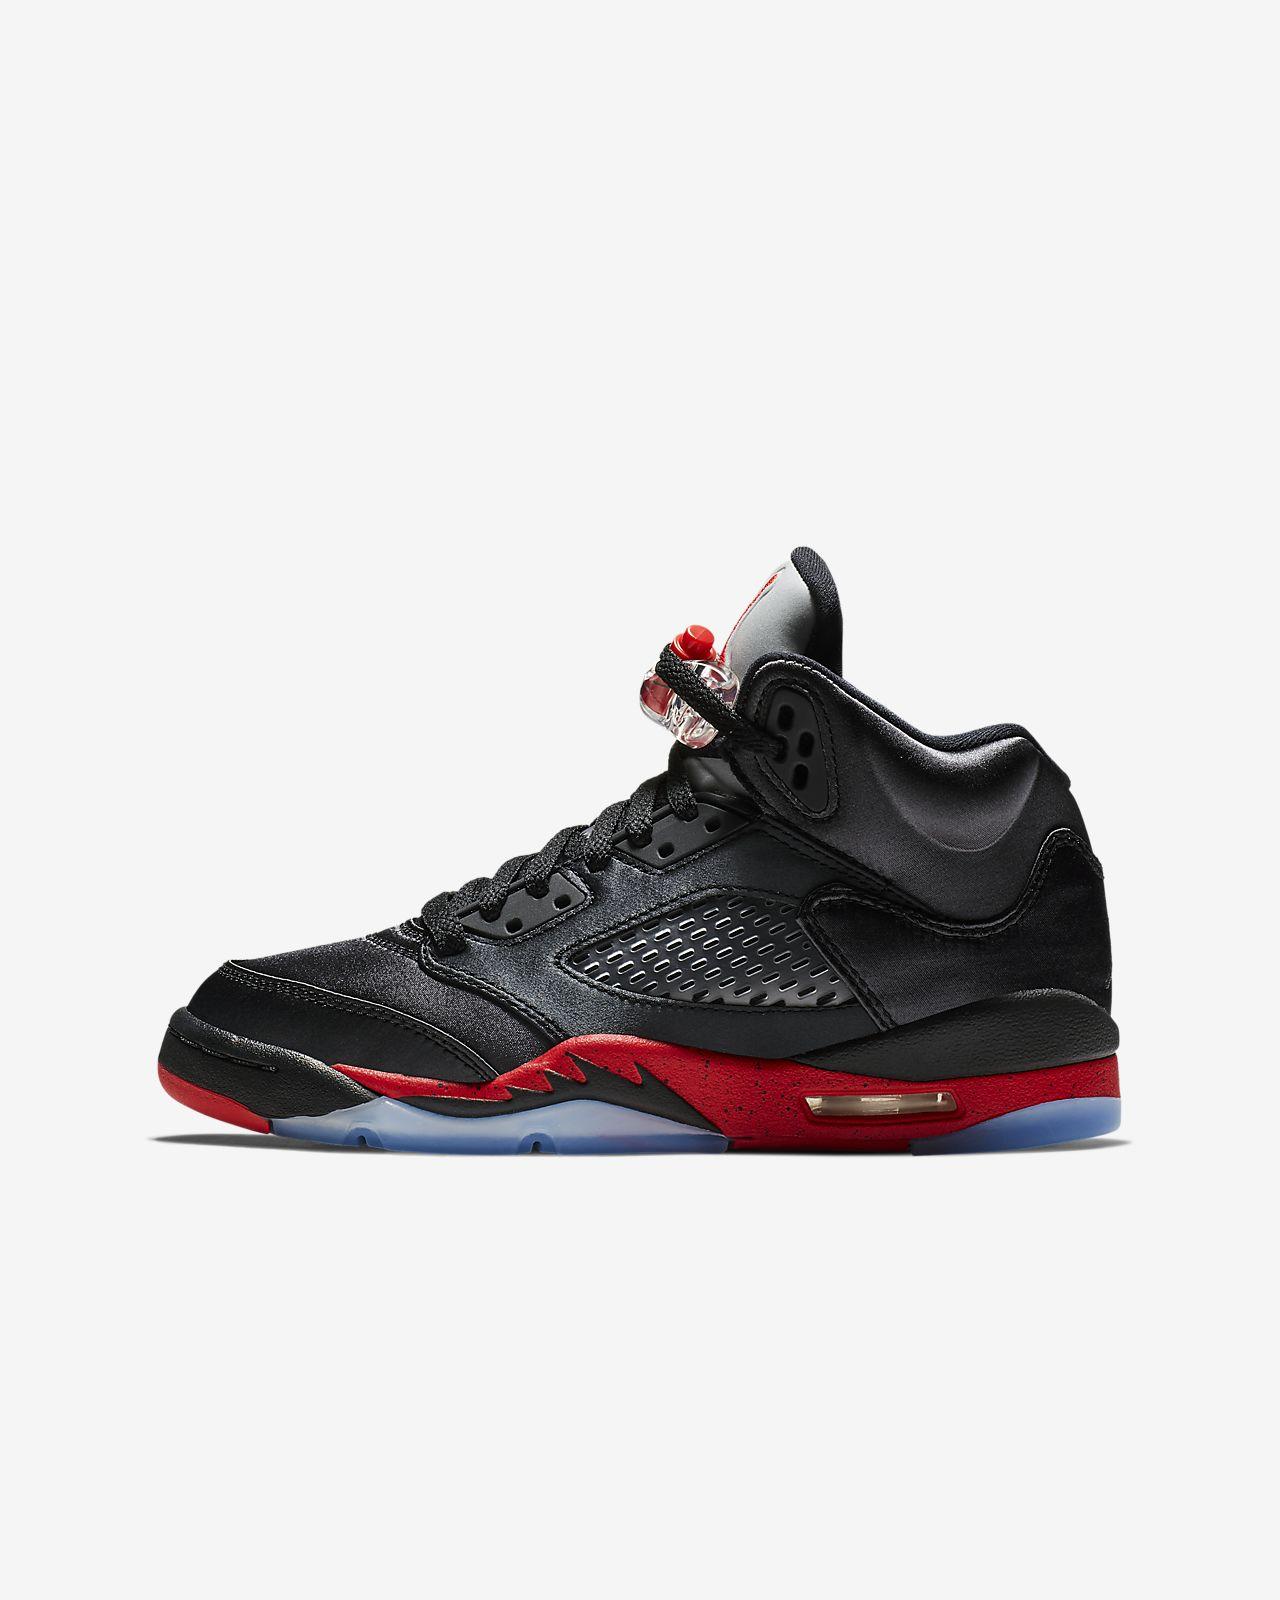 separation shoes aeb98 ad772 ... Chaussure Air Jordan 5 Retro pour Enfant plus âgé (35,5-40)